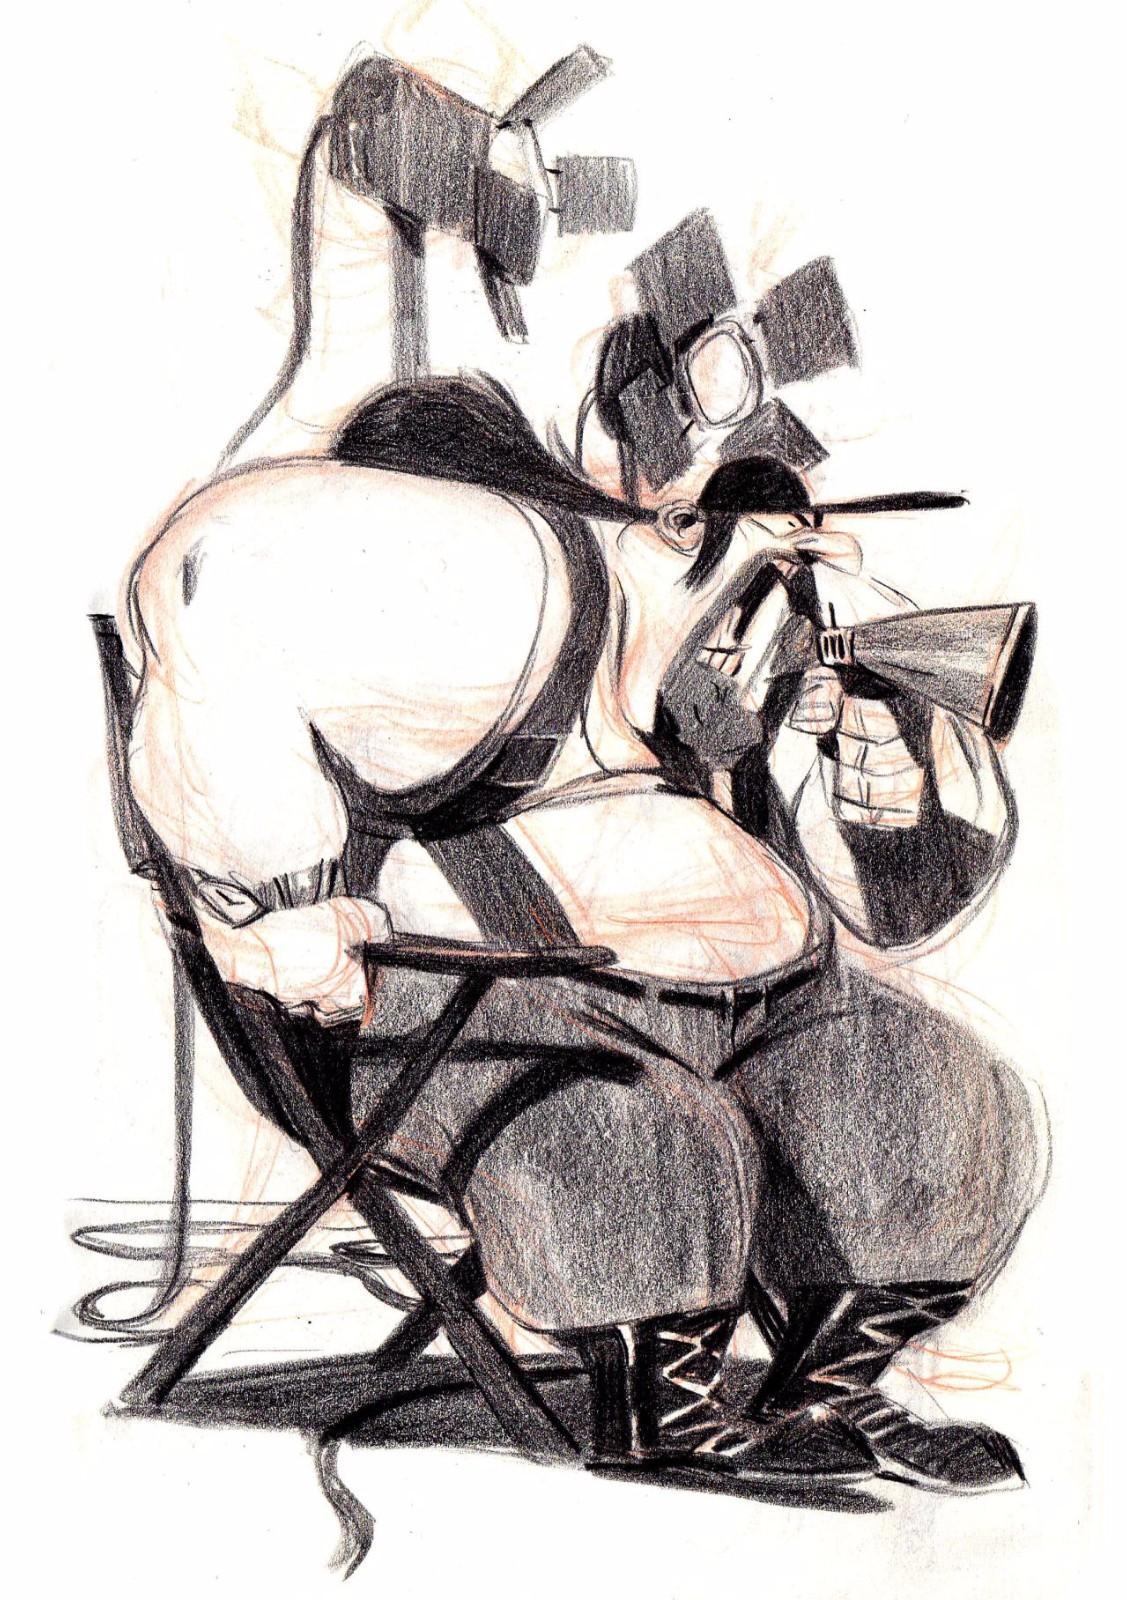 手绘可爱的动漫灵感来源